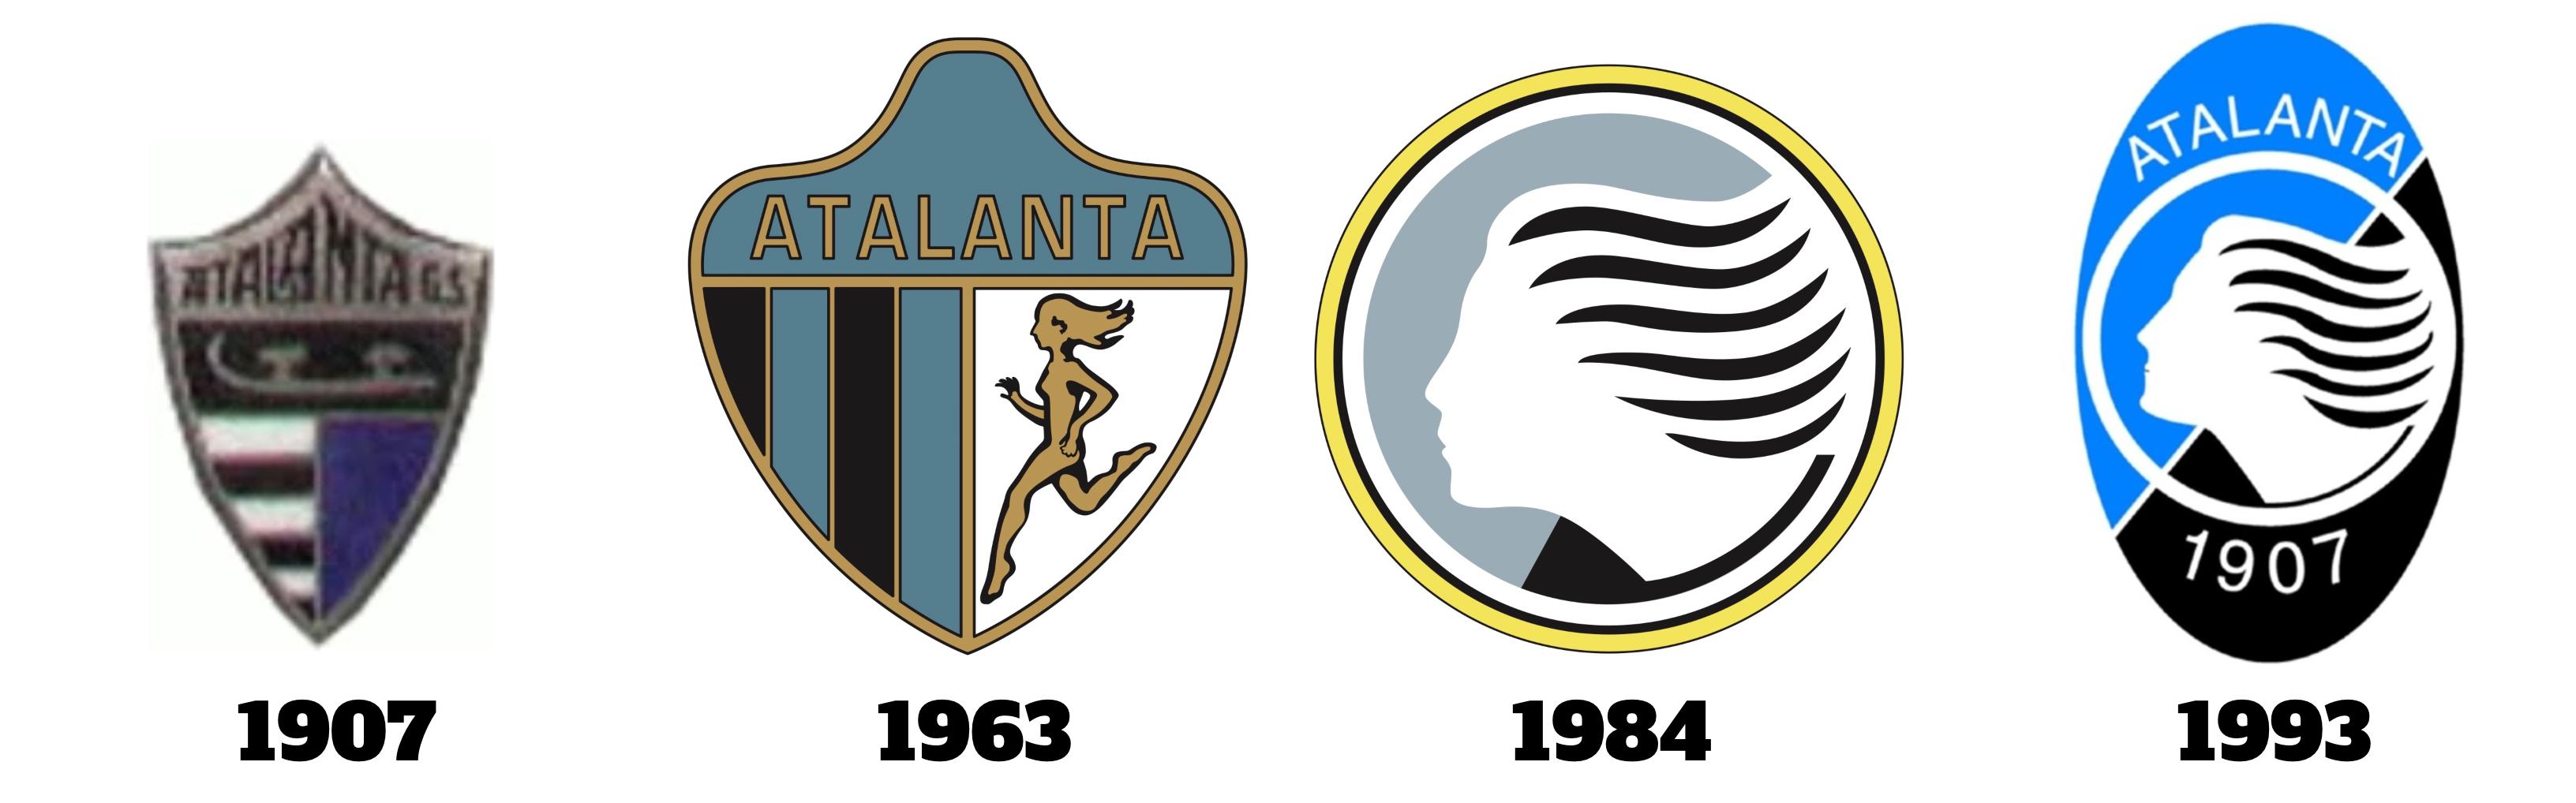 Atalanta all logos